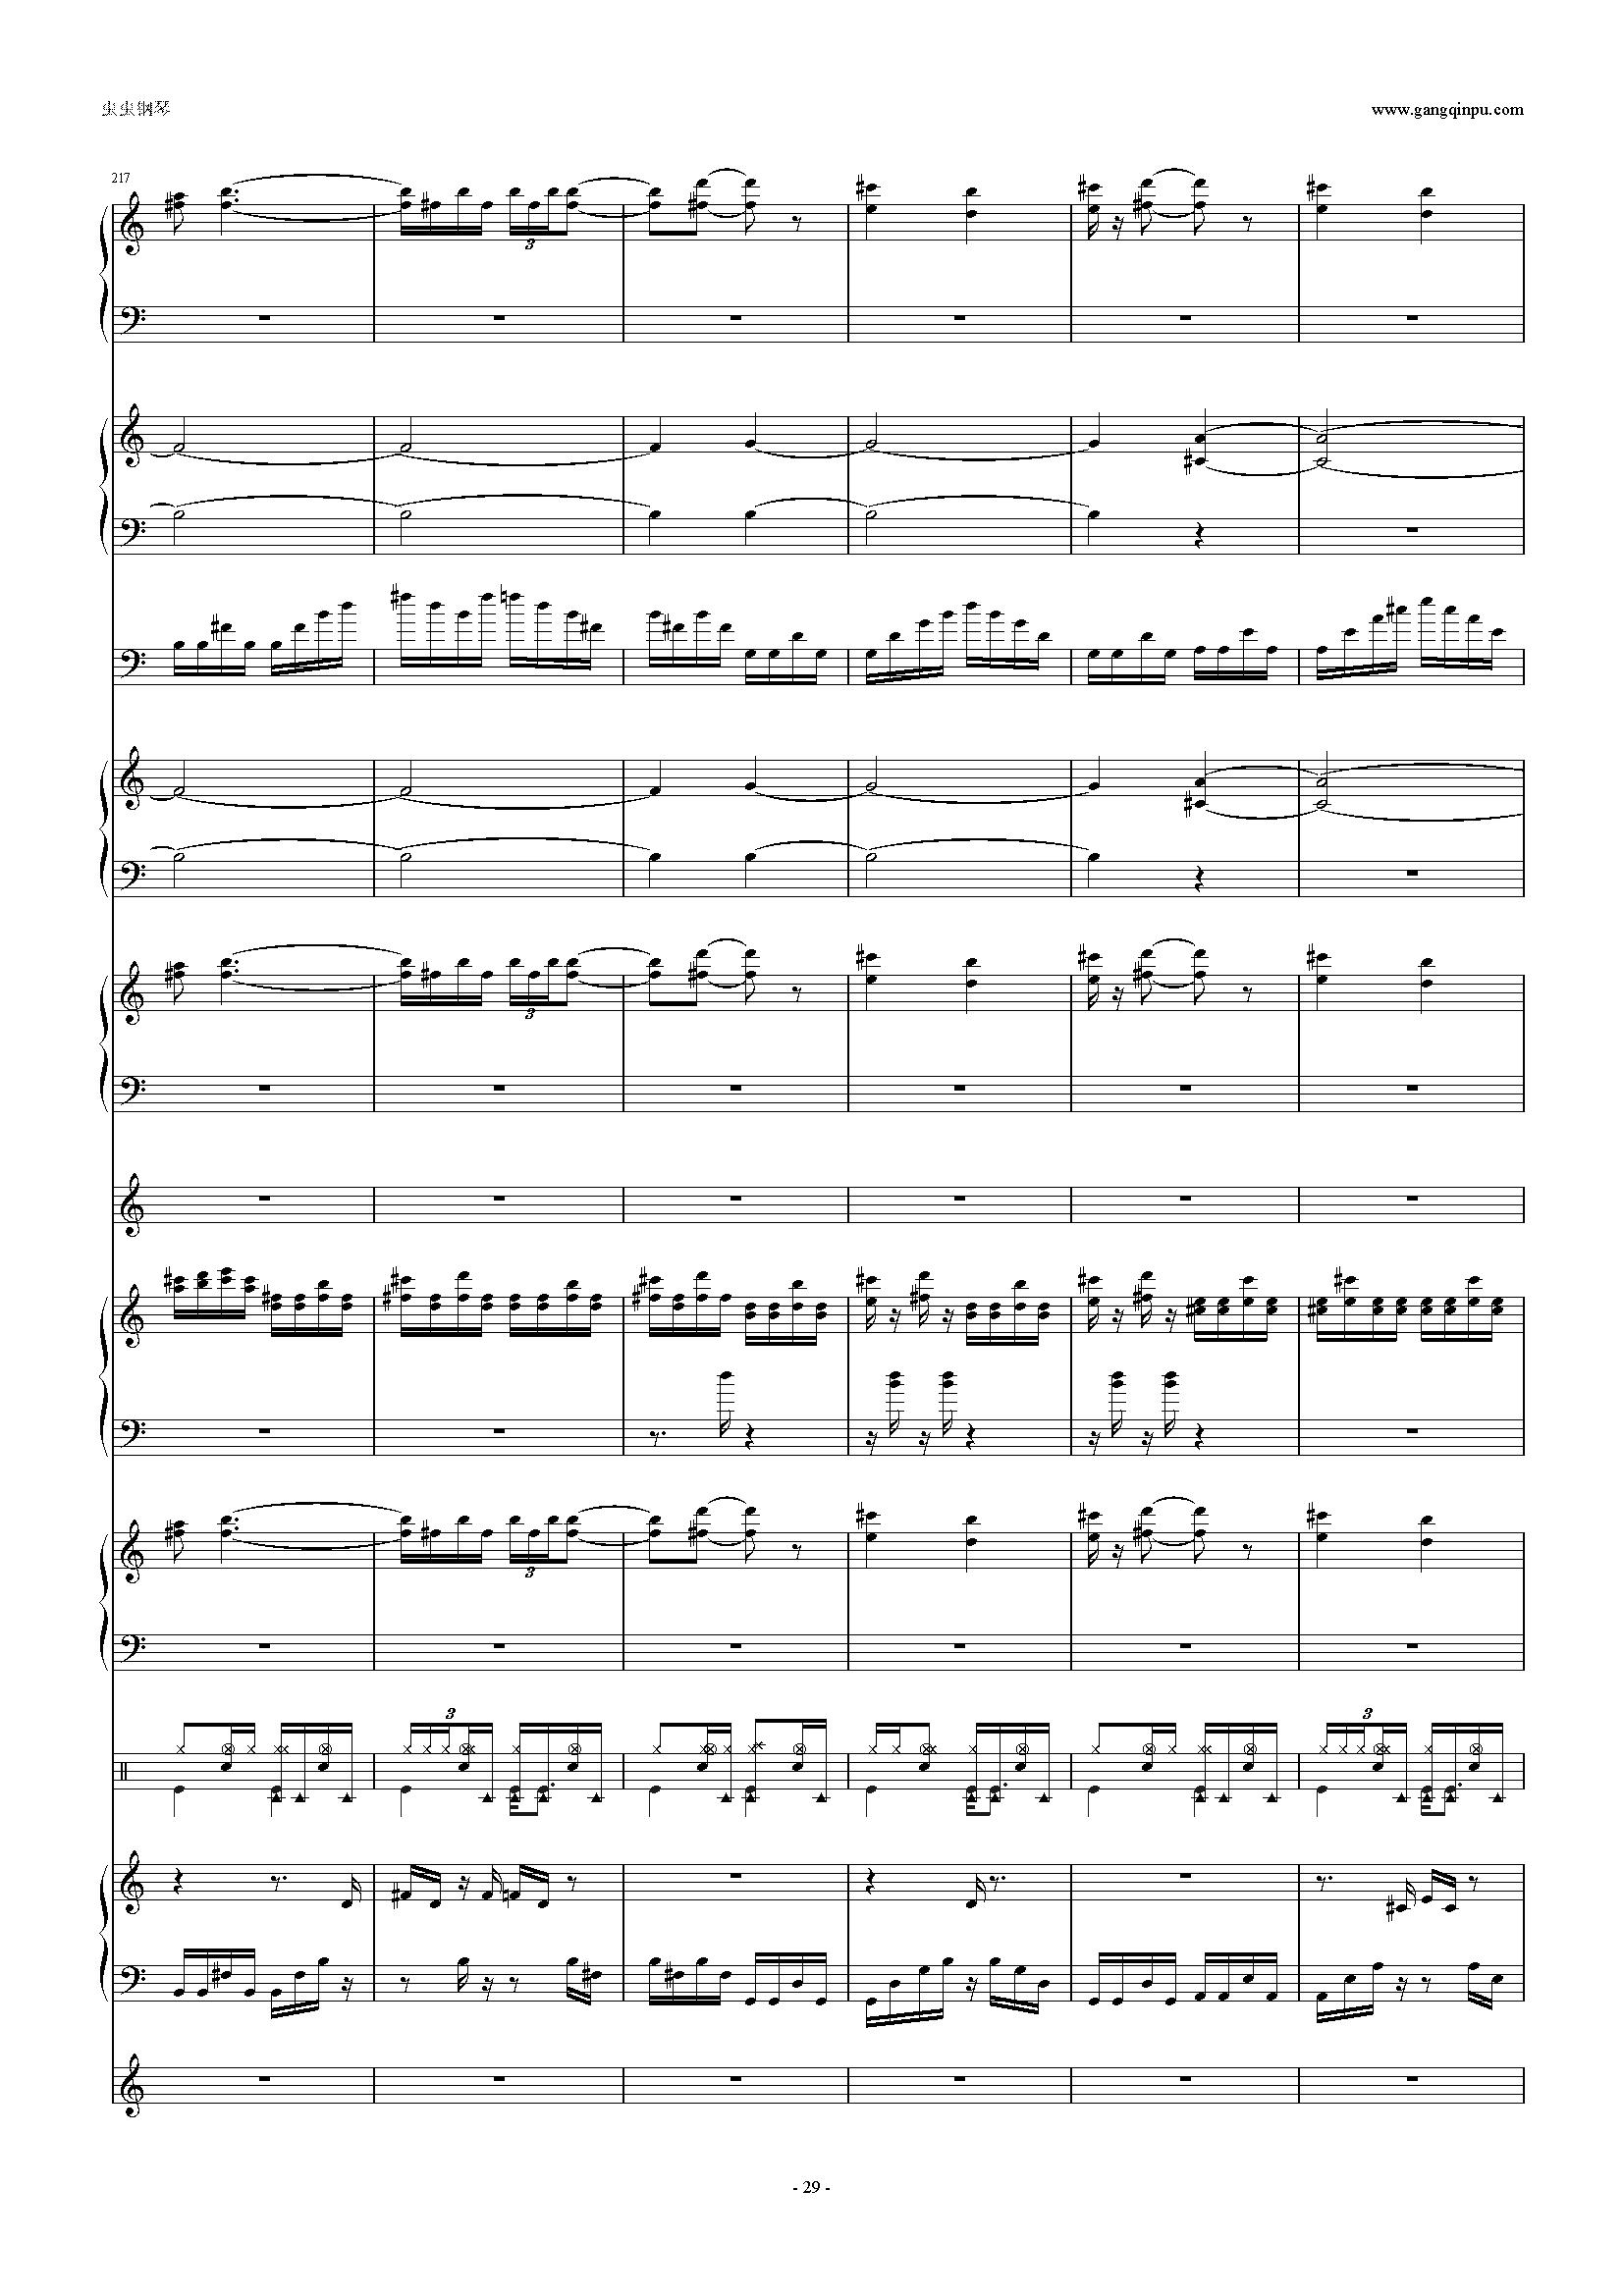 少女幻葬钢琴谱 第29页